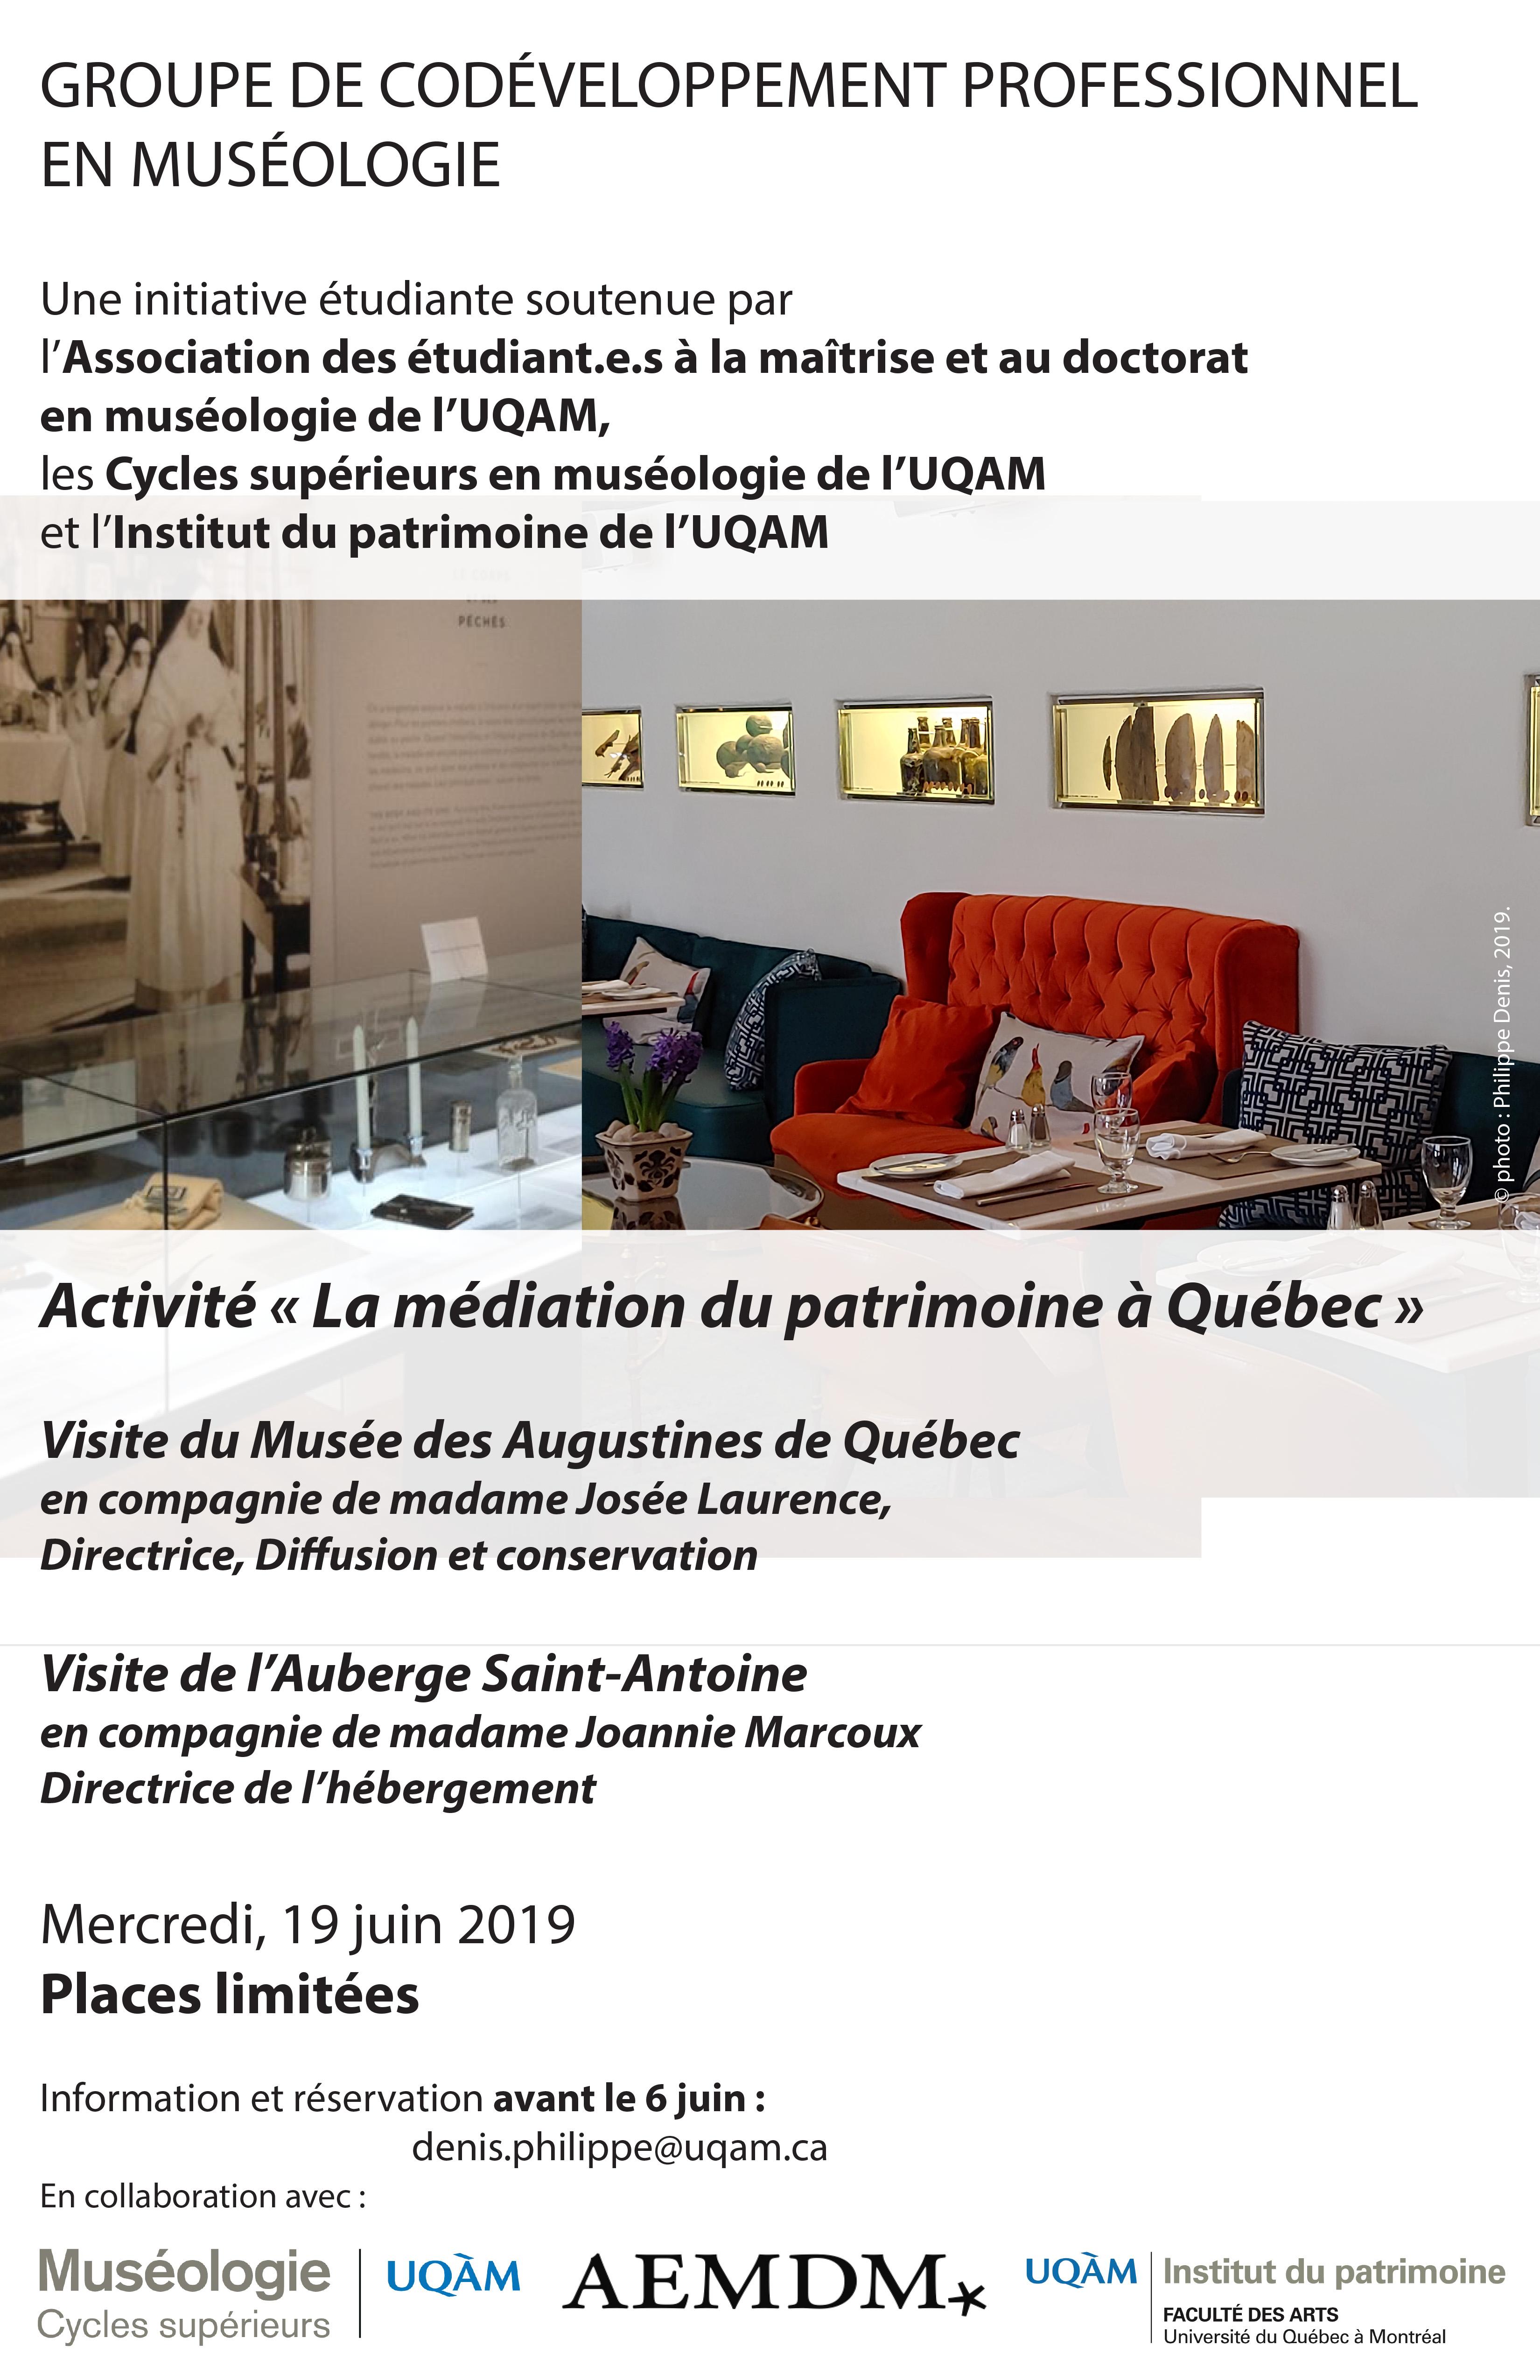 Groupe de codéveloppement professionnel en muséologie / La médiation du patrimoine à Québec